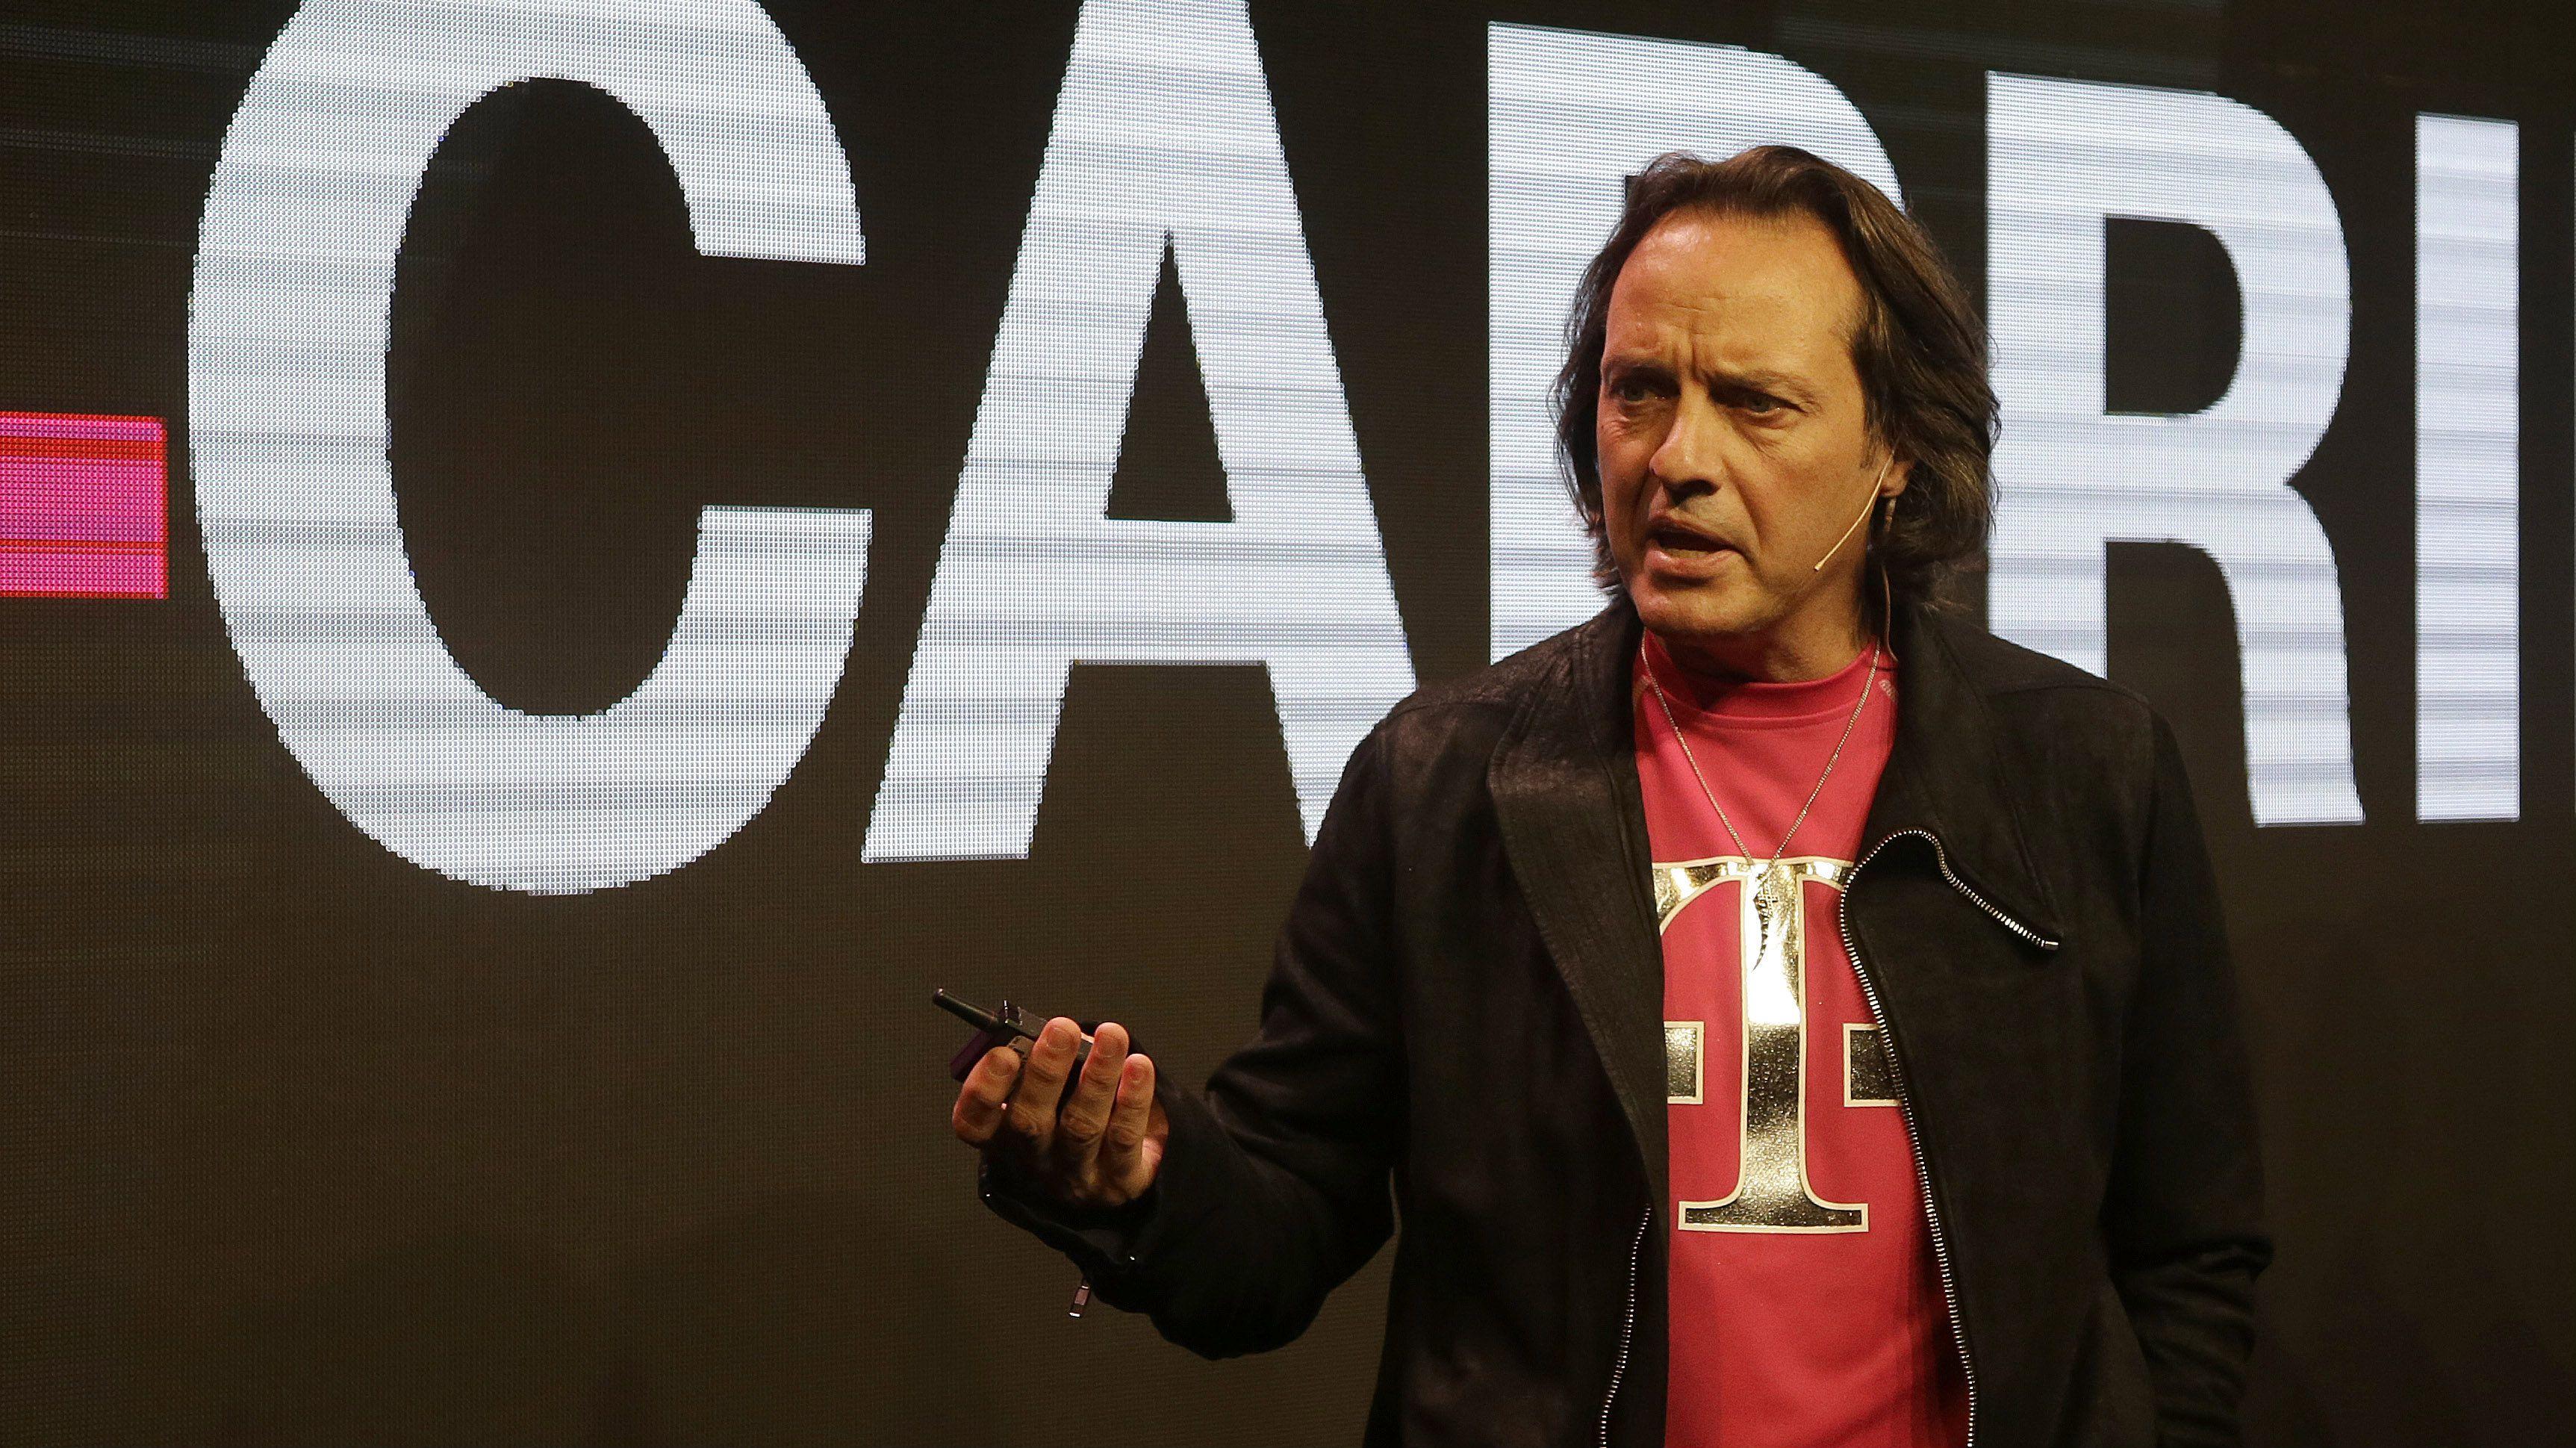 T-Mobile's John Legere